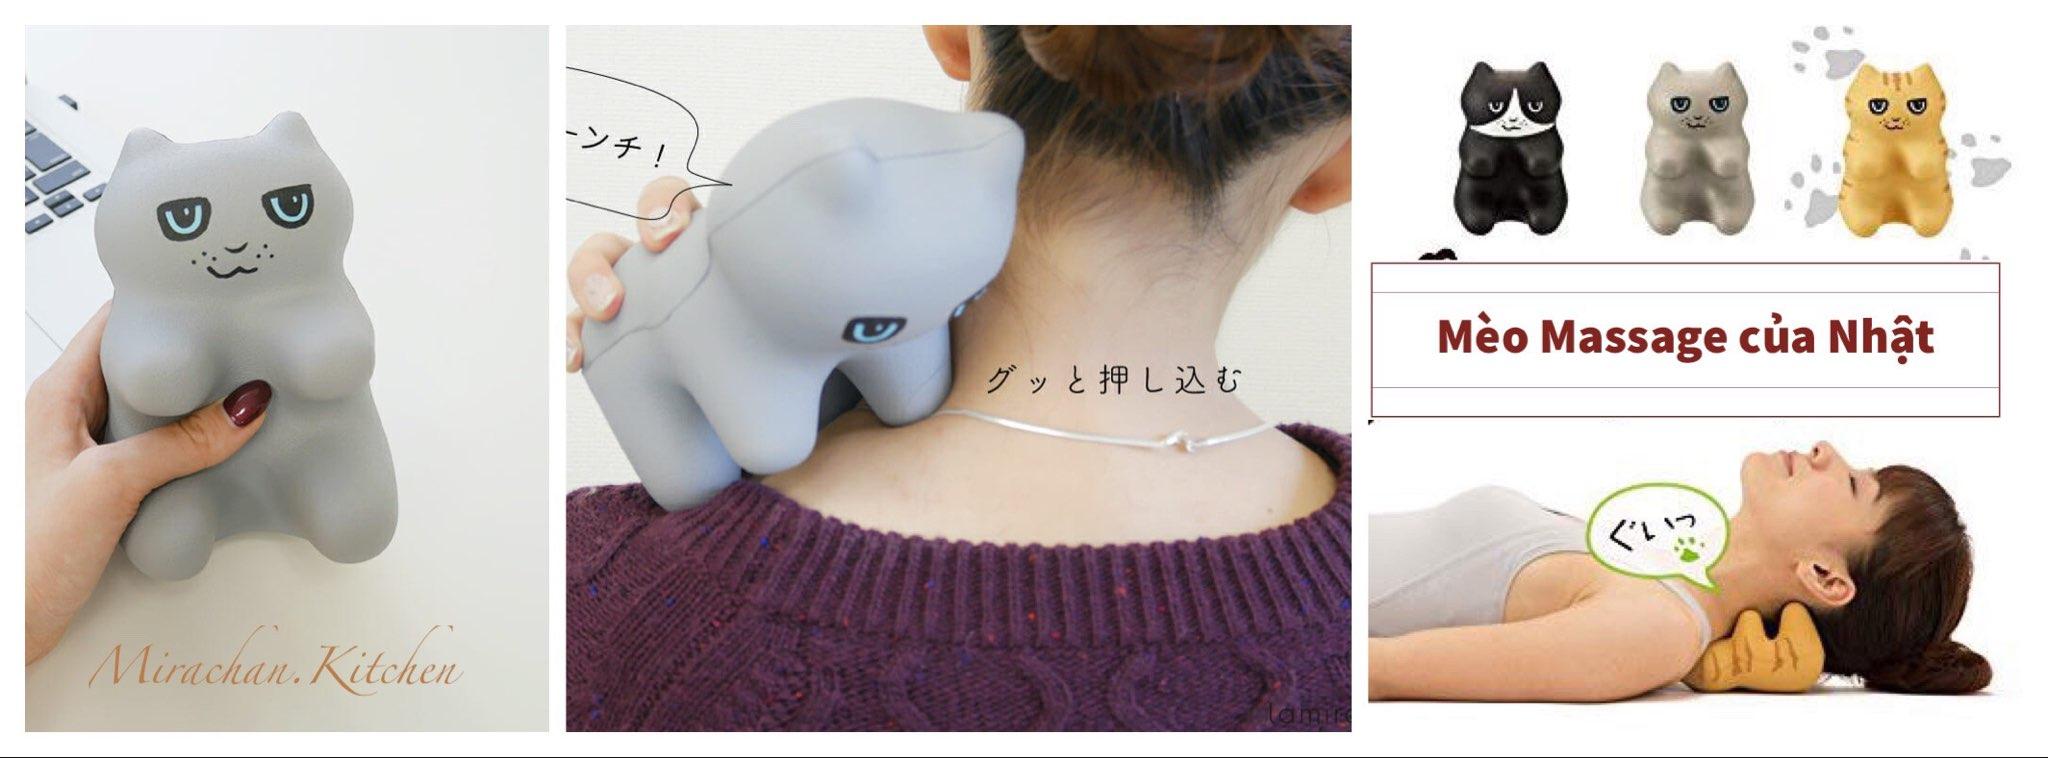 Dụng cụ massage cầm tay của Nhật con mèo